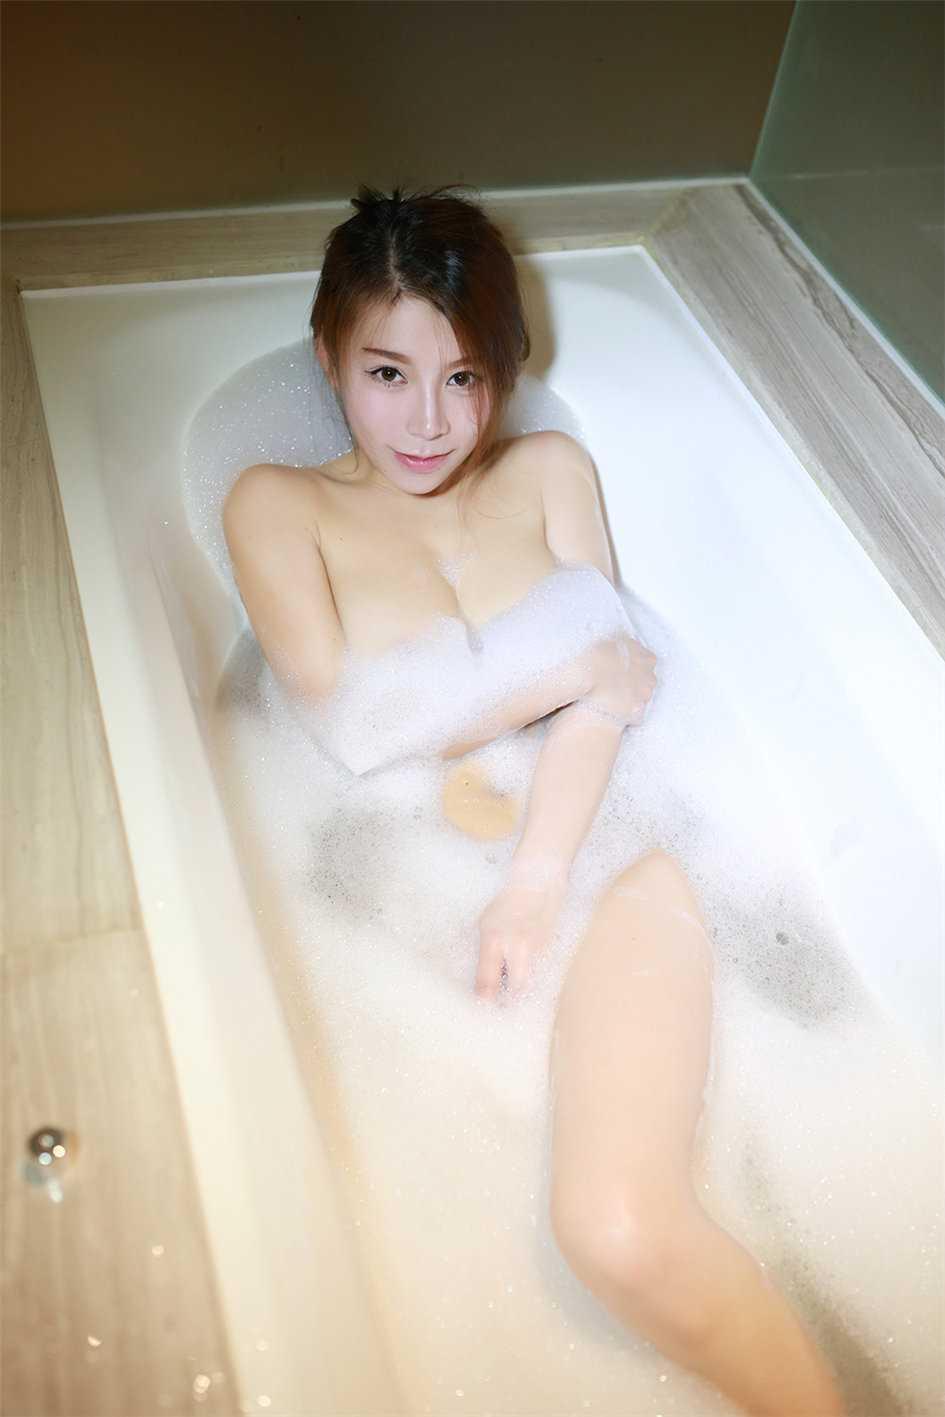 浴室泡沫全裸美女好难受想要男内图(点击浏览下一张趣图)